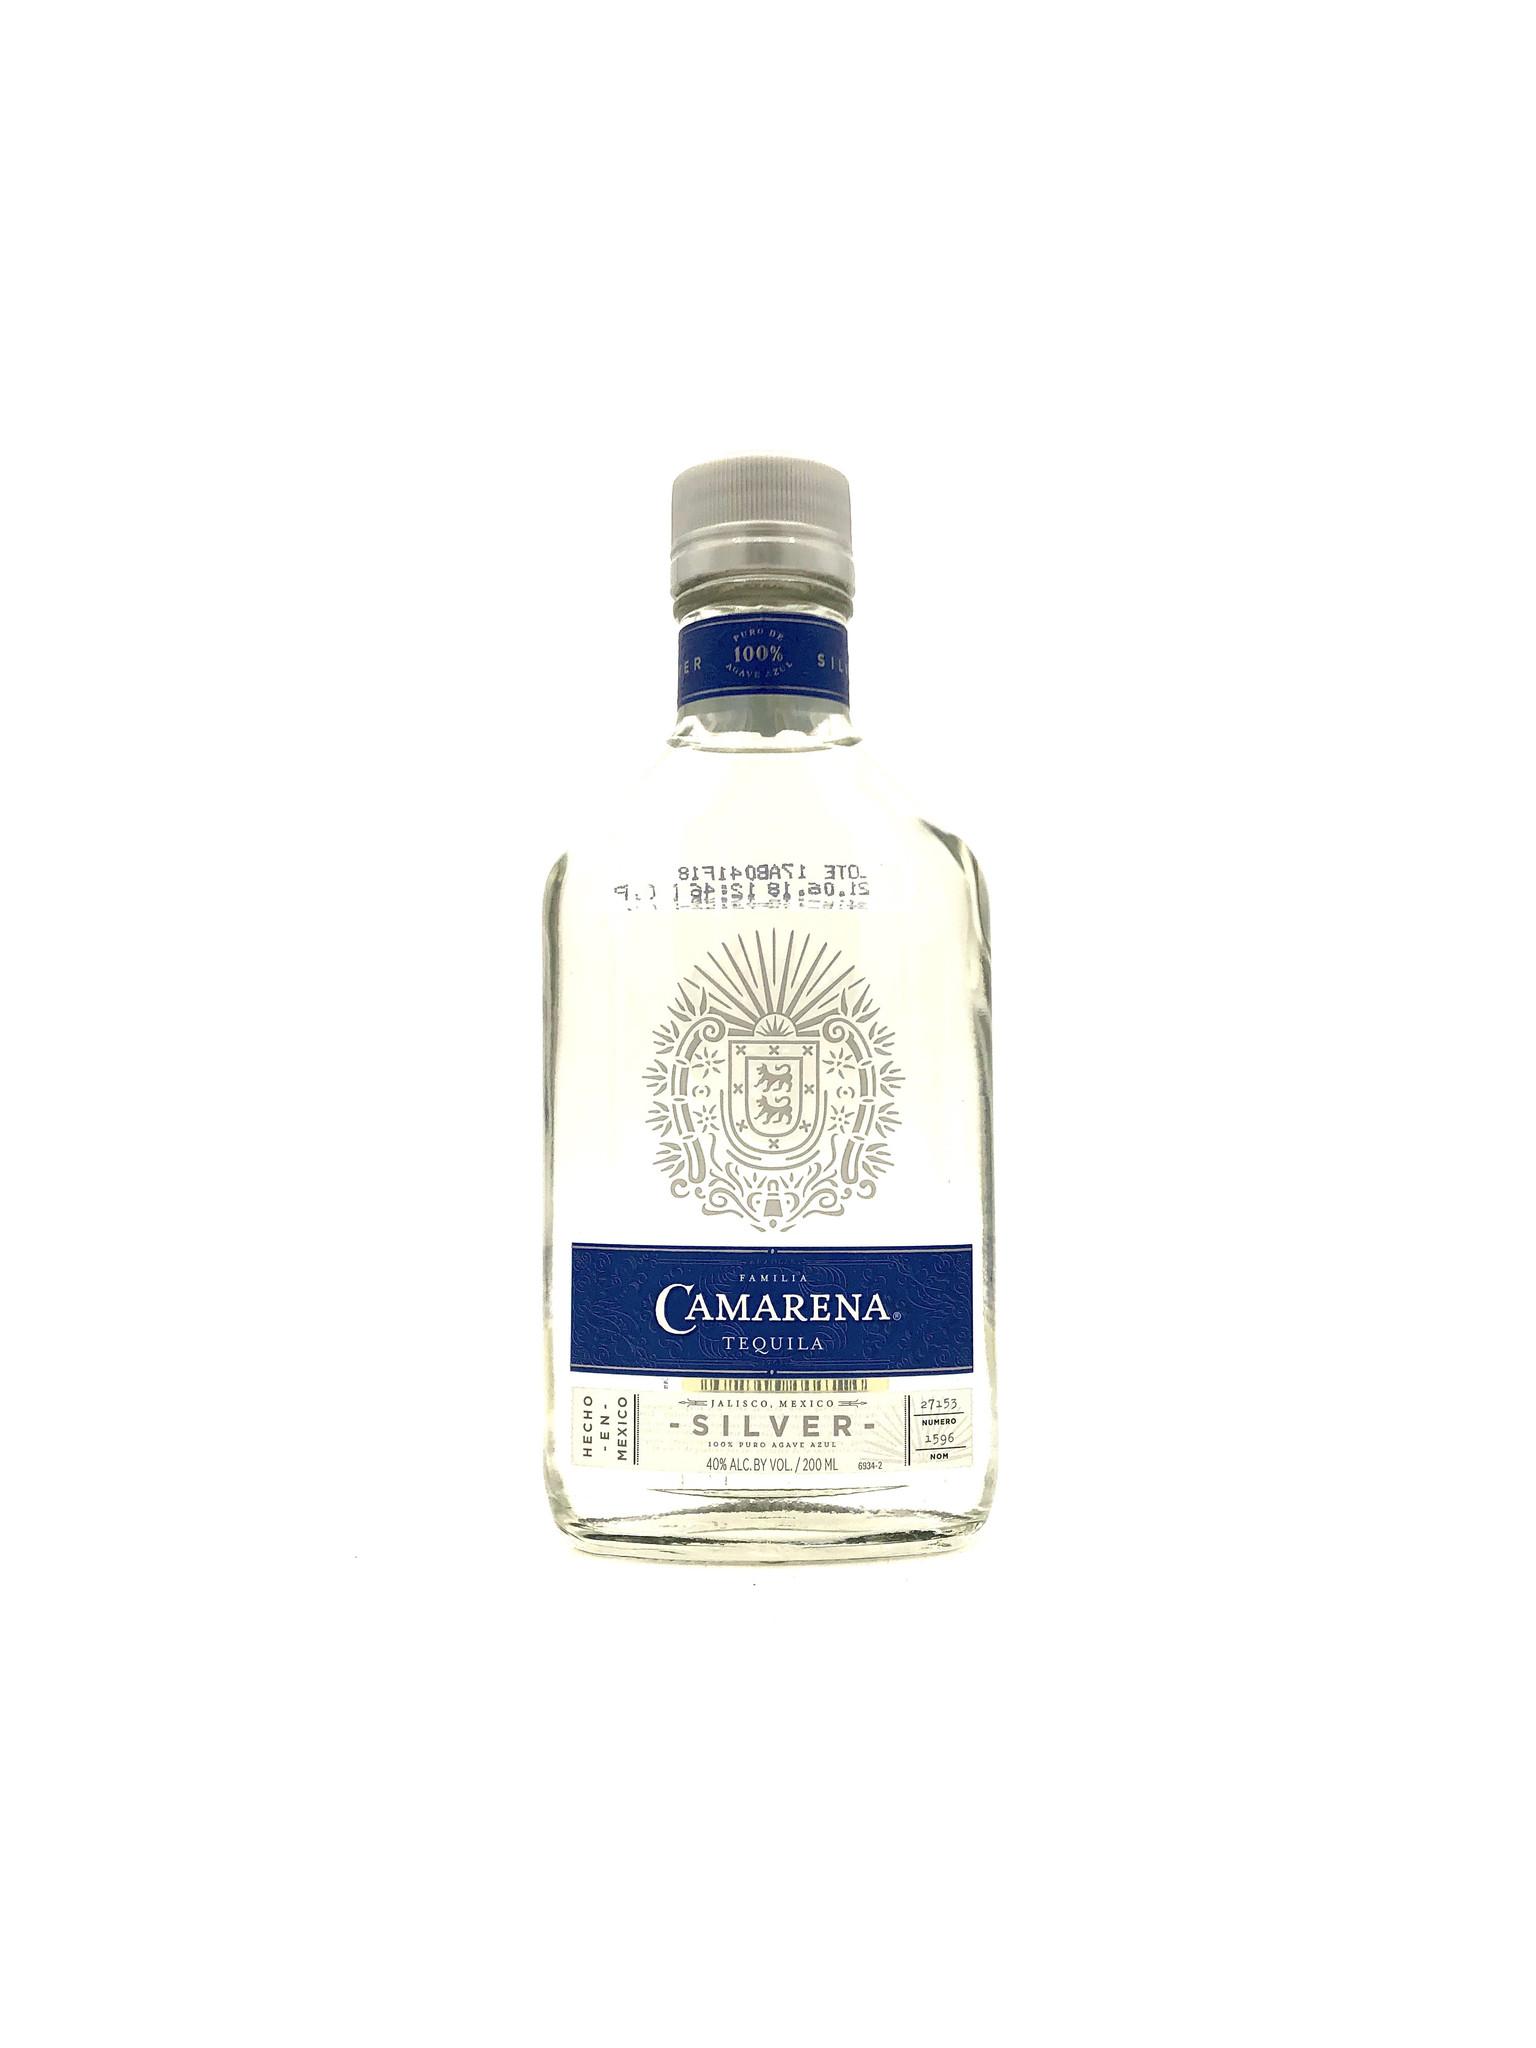 Silver Tequila 200mL Familia Camarena